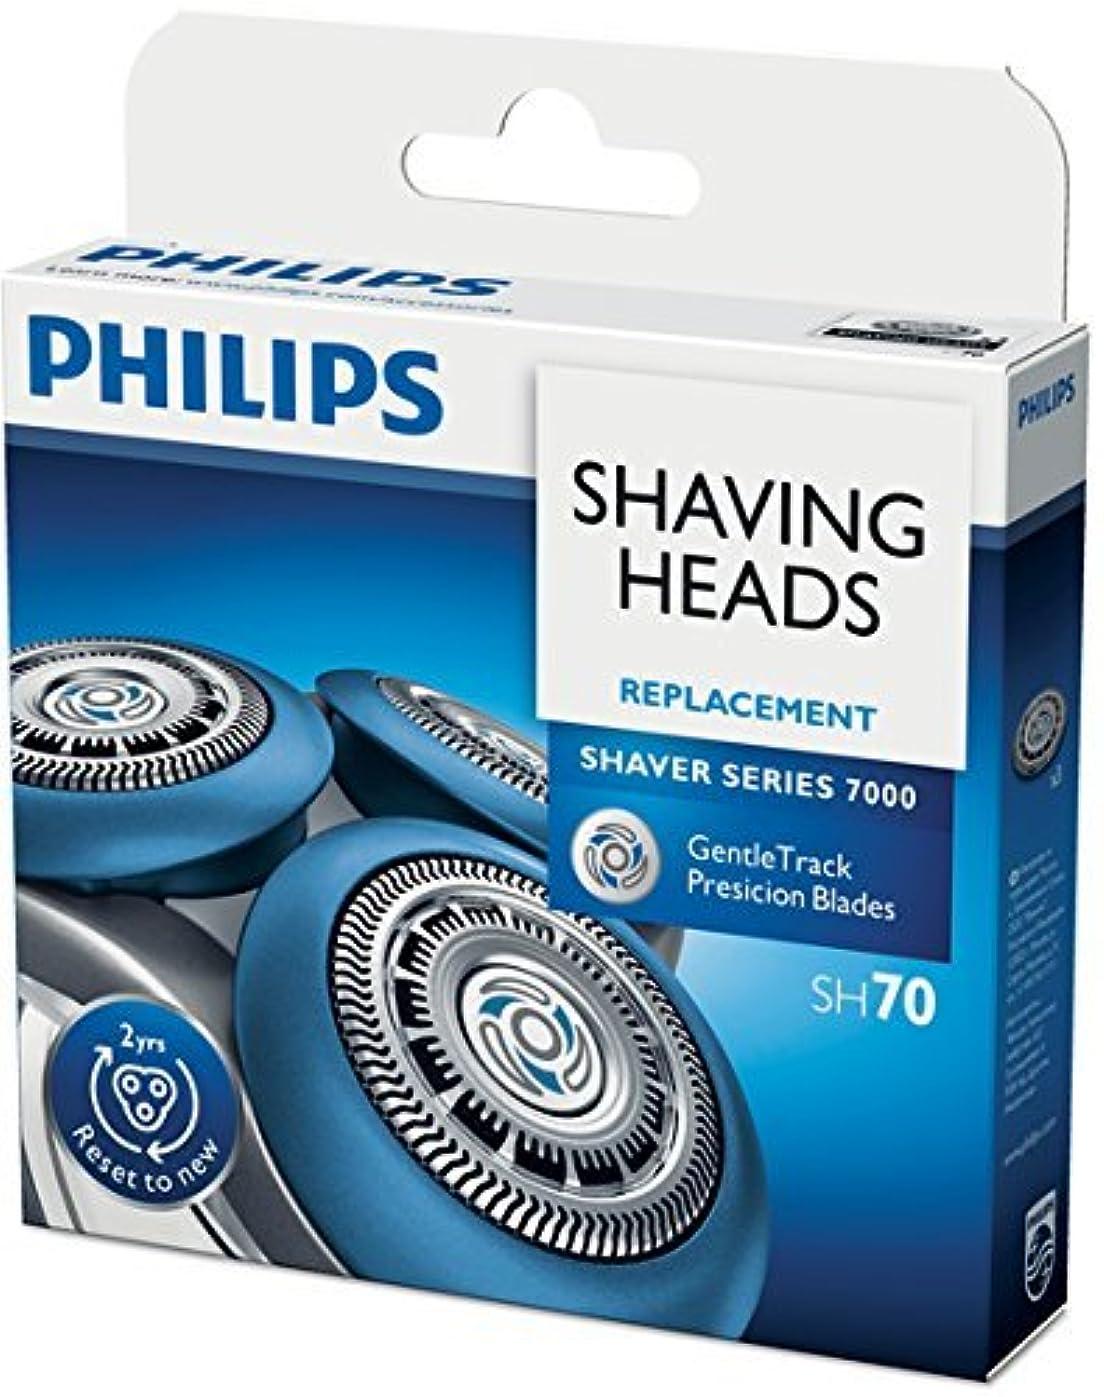 フィリップスシェーバー替え刃 交換用ヘッド替刃 交換用ヘッド替刃 (7000シリーズ)